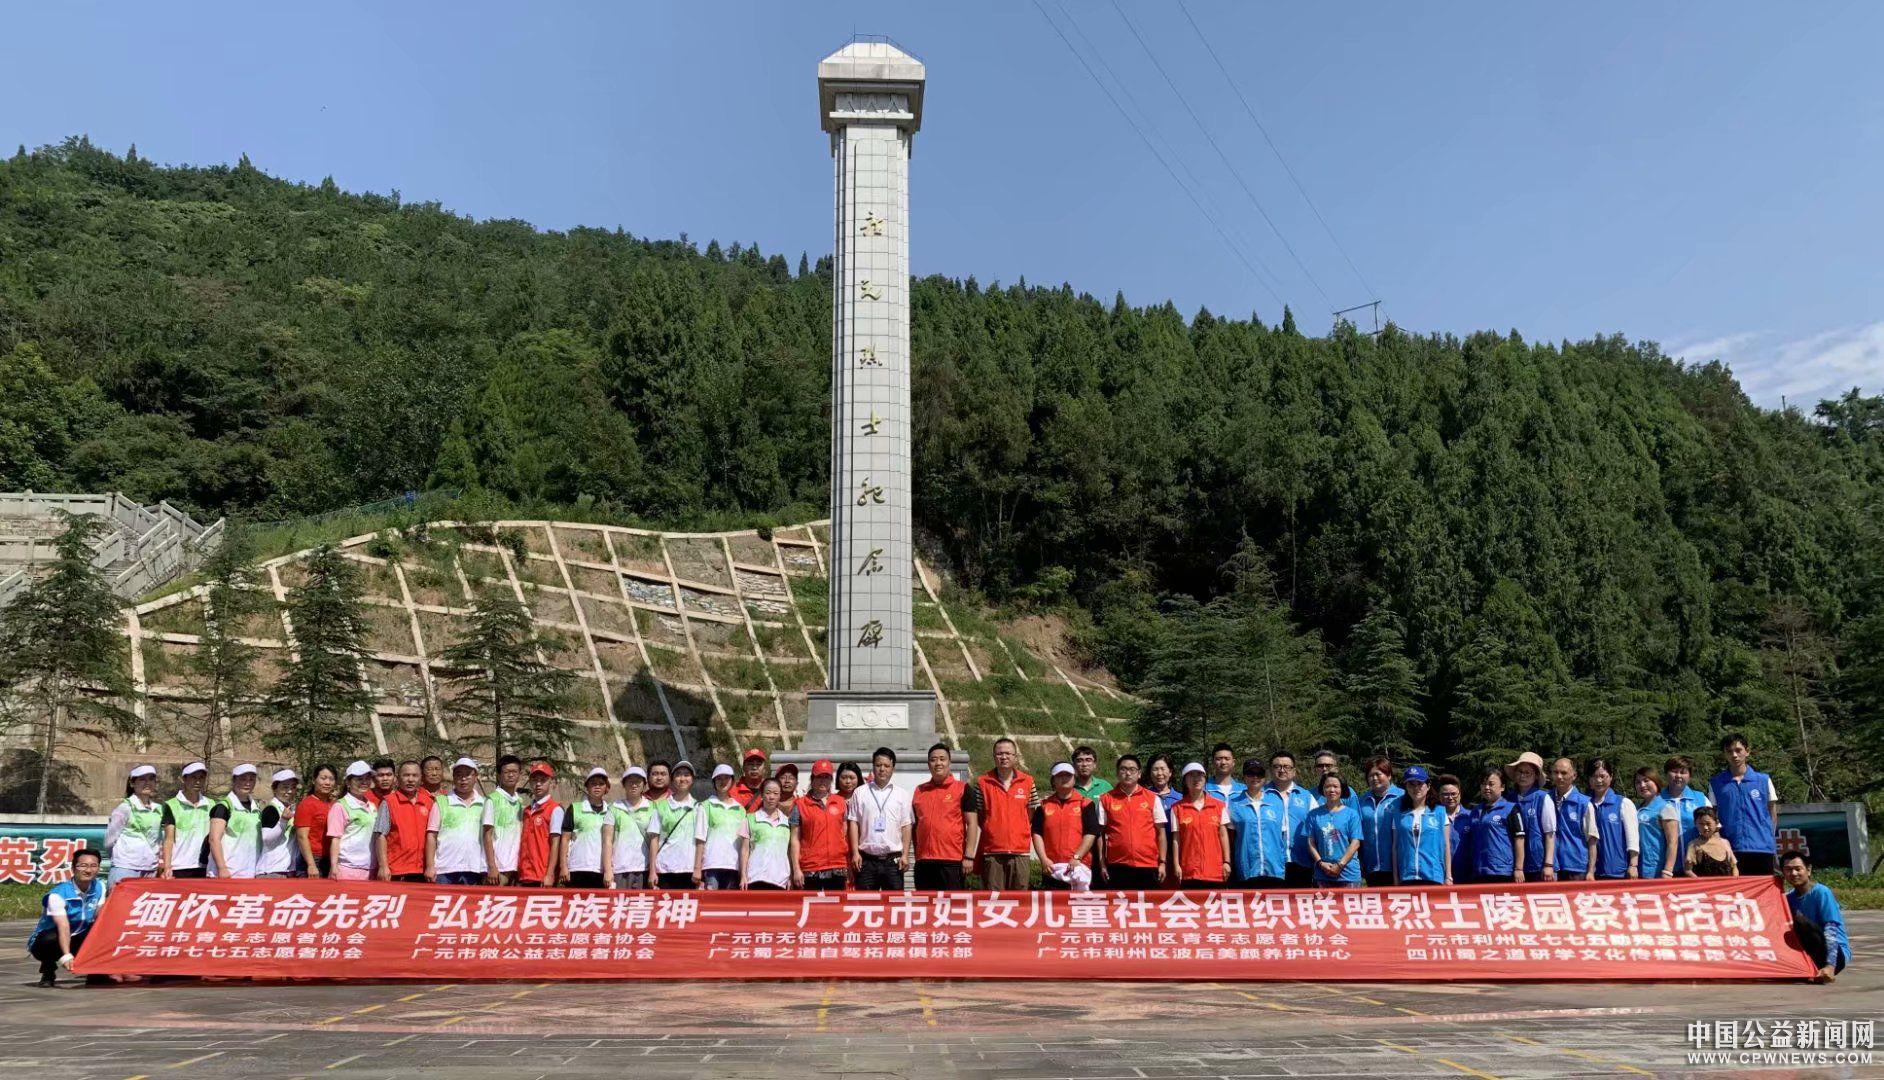 广元市妇女儿童社会组织联盟烈士陵园祭扫活动